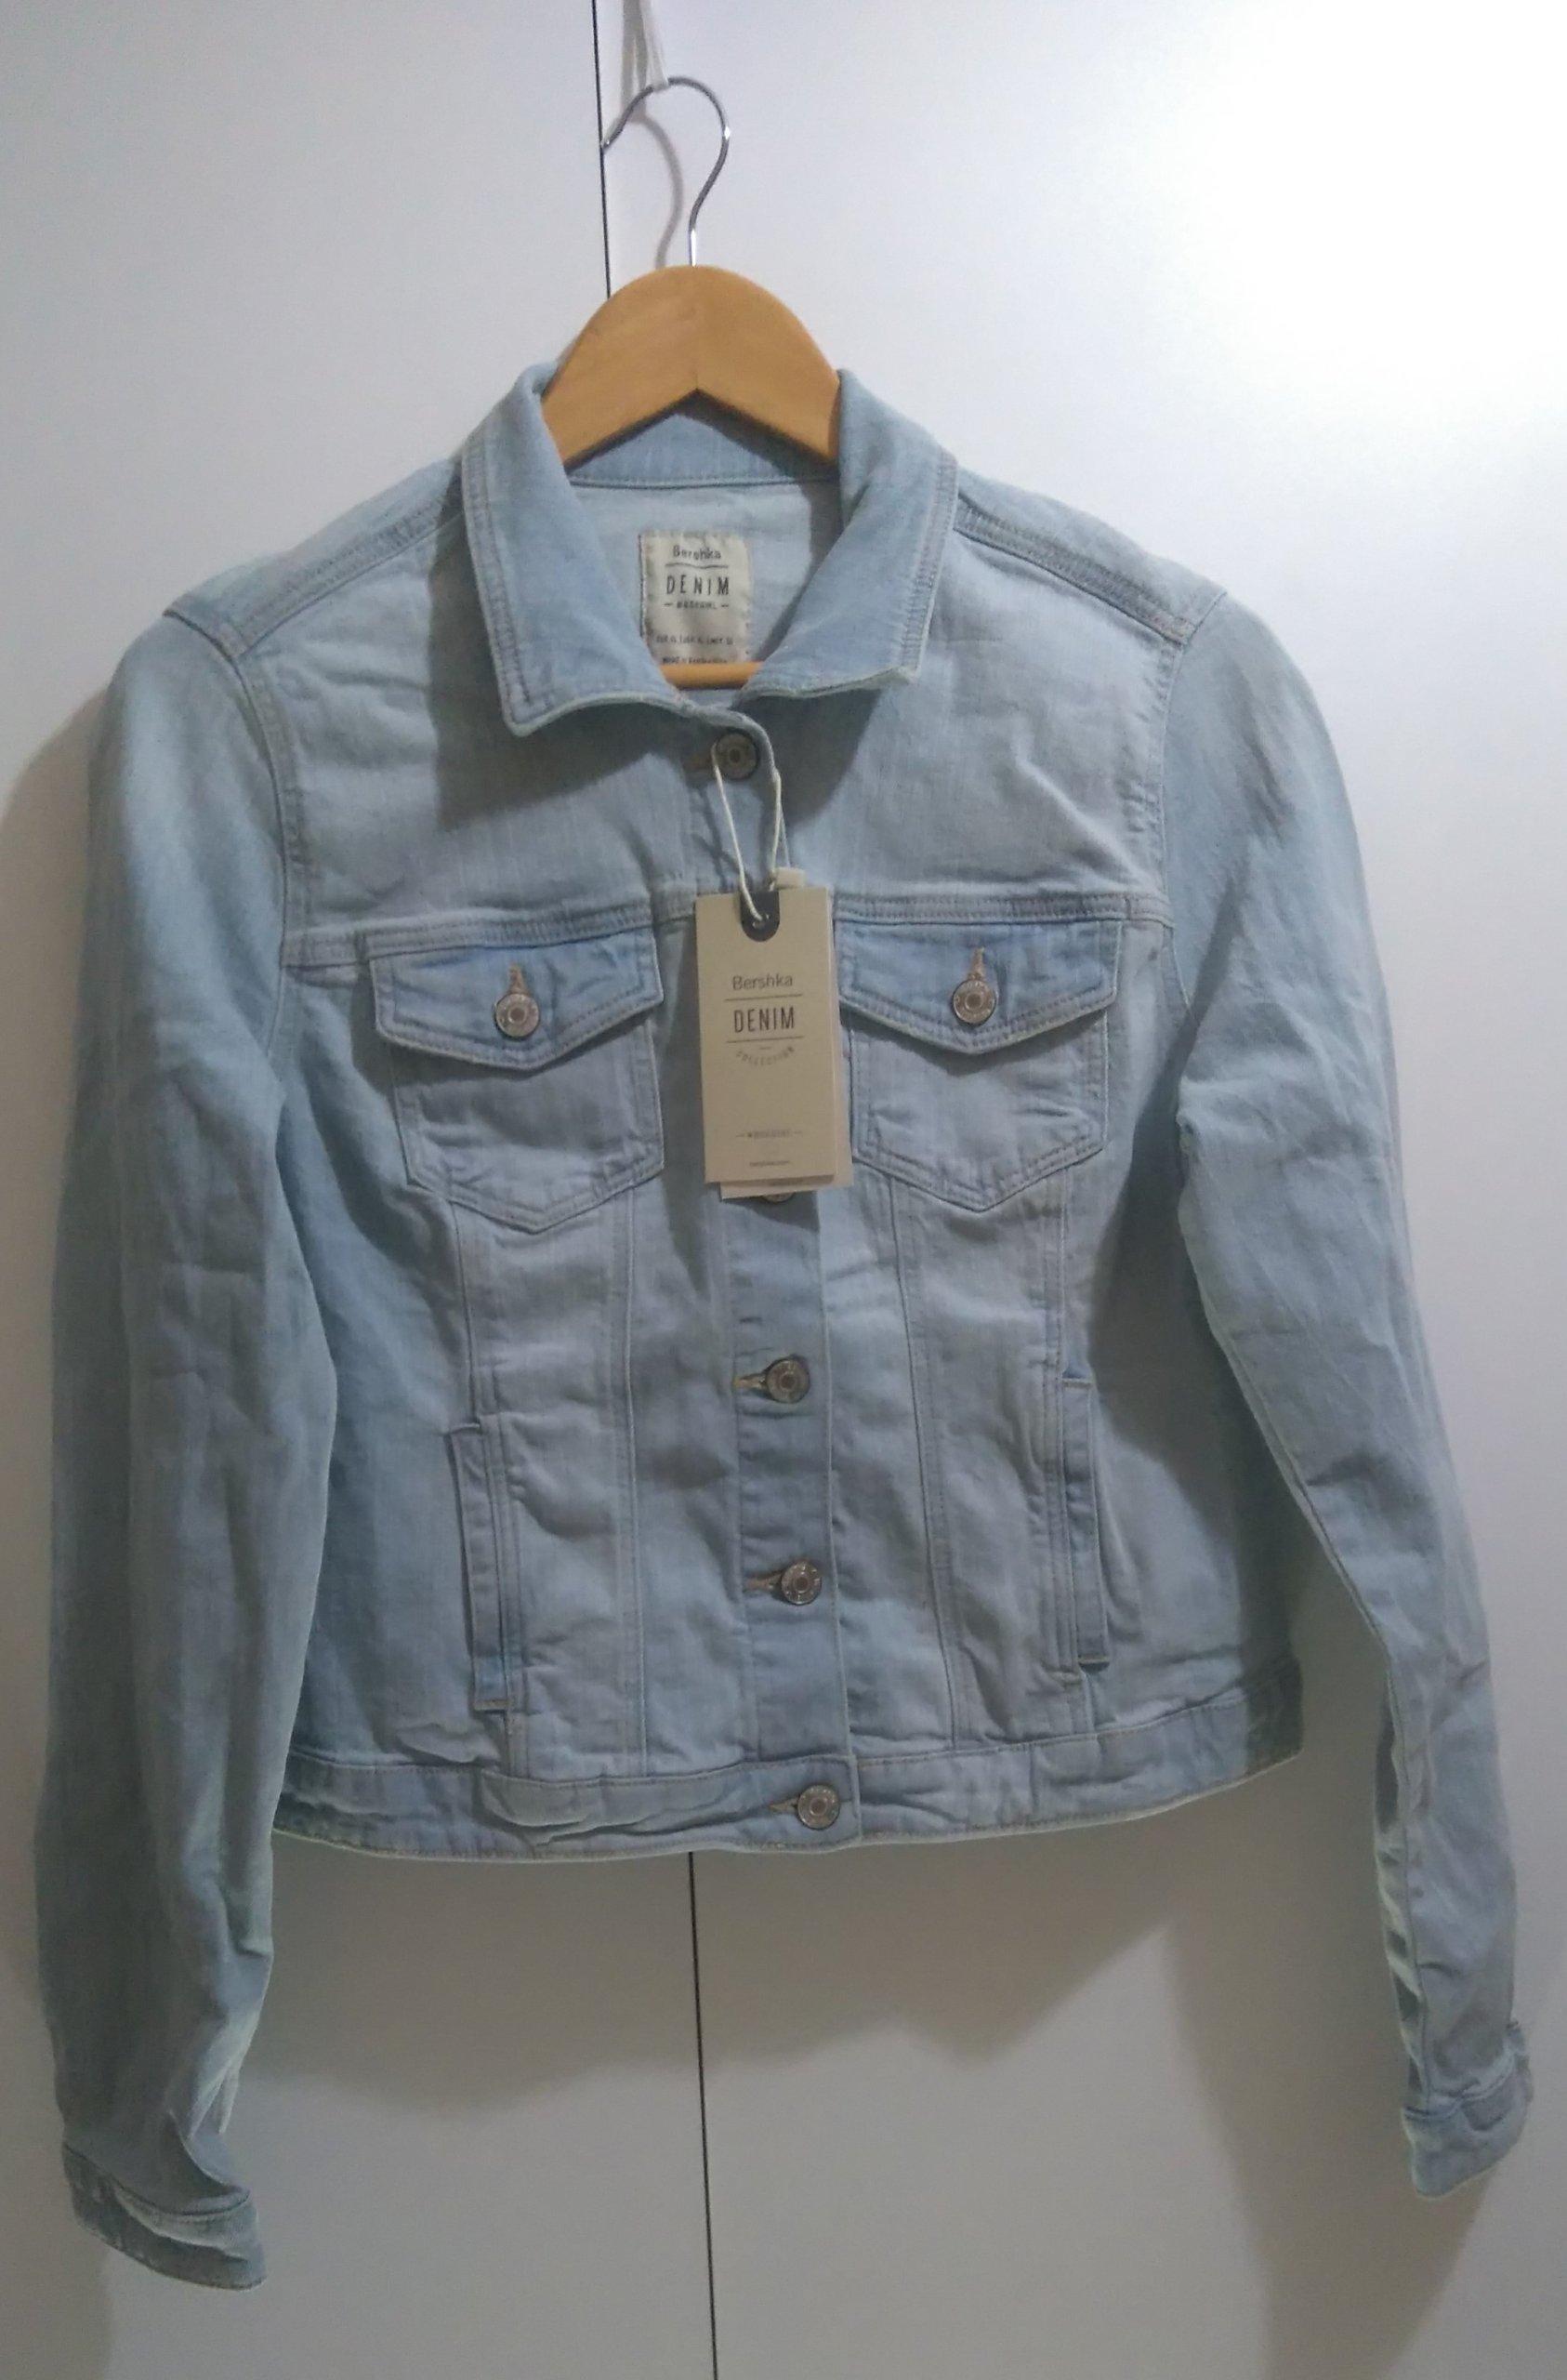 9695d8f889 BERSHKA kurtka jeansowa damska rozmiar XS - 7307056622 - oficjalne ...